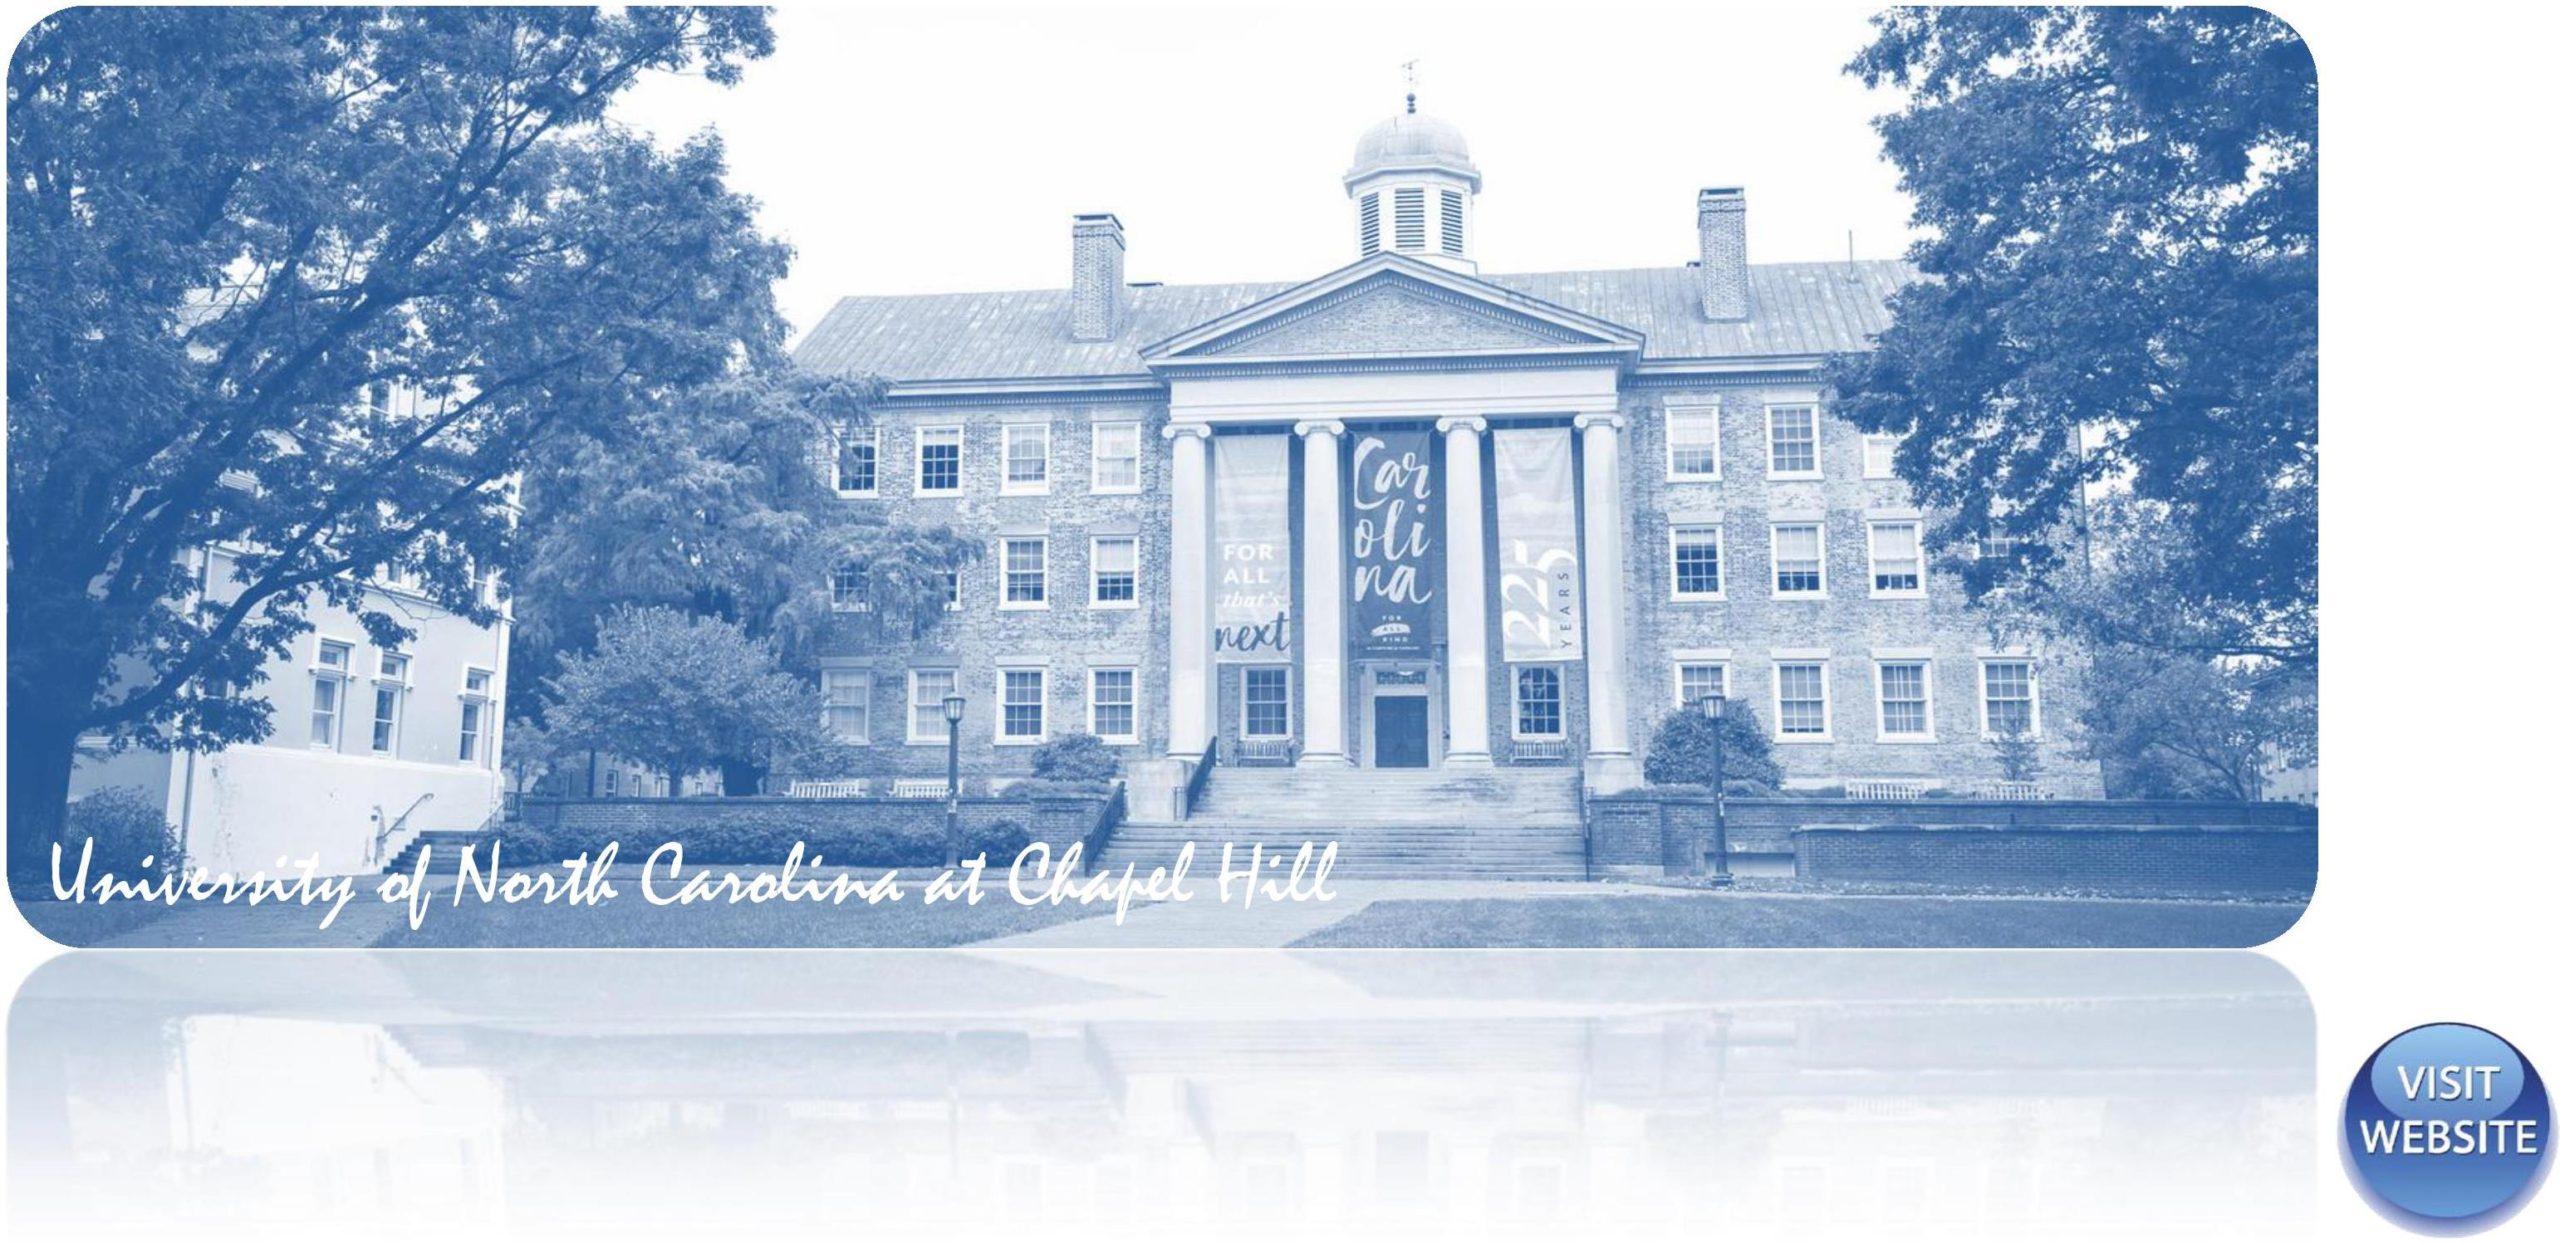 University of North Carolina at Chapel Hill USA